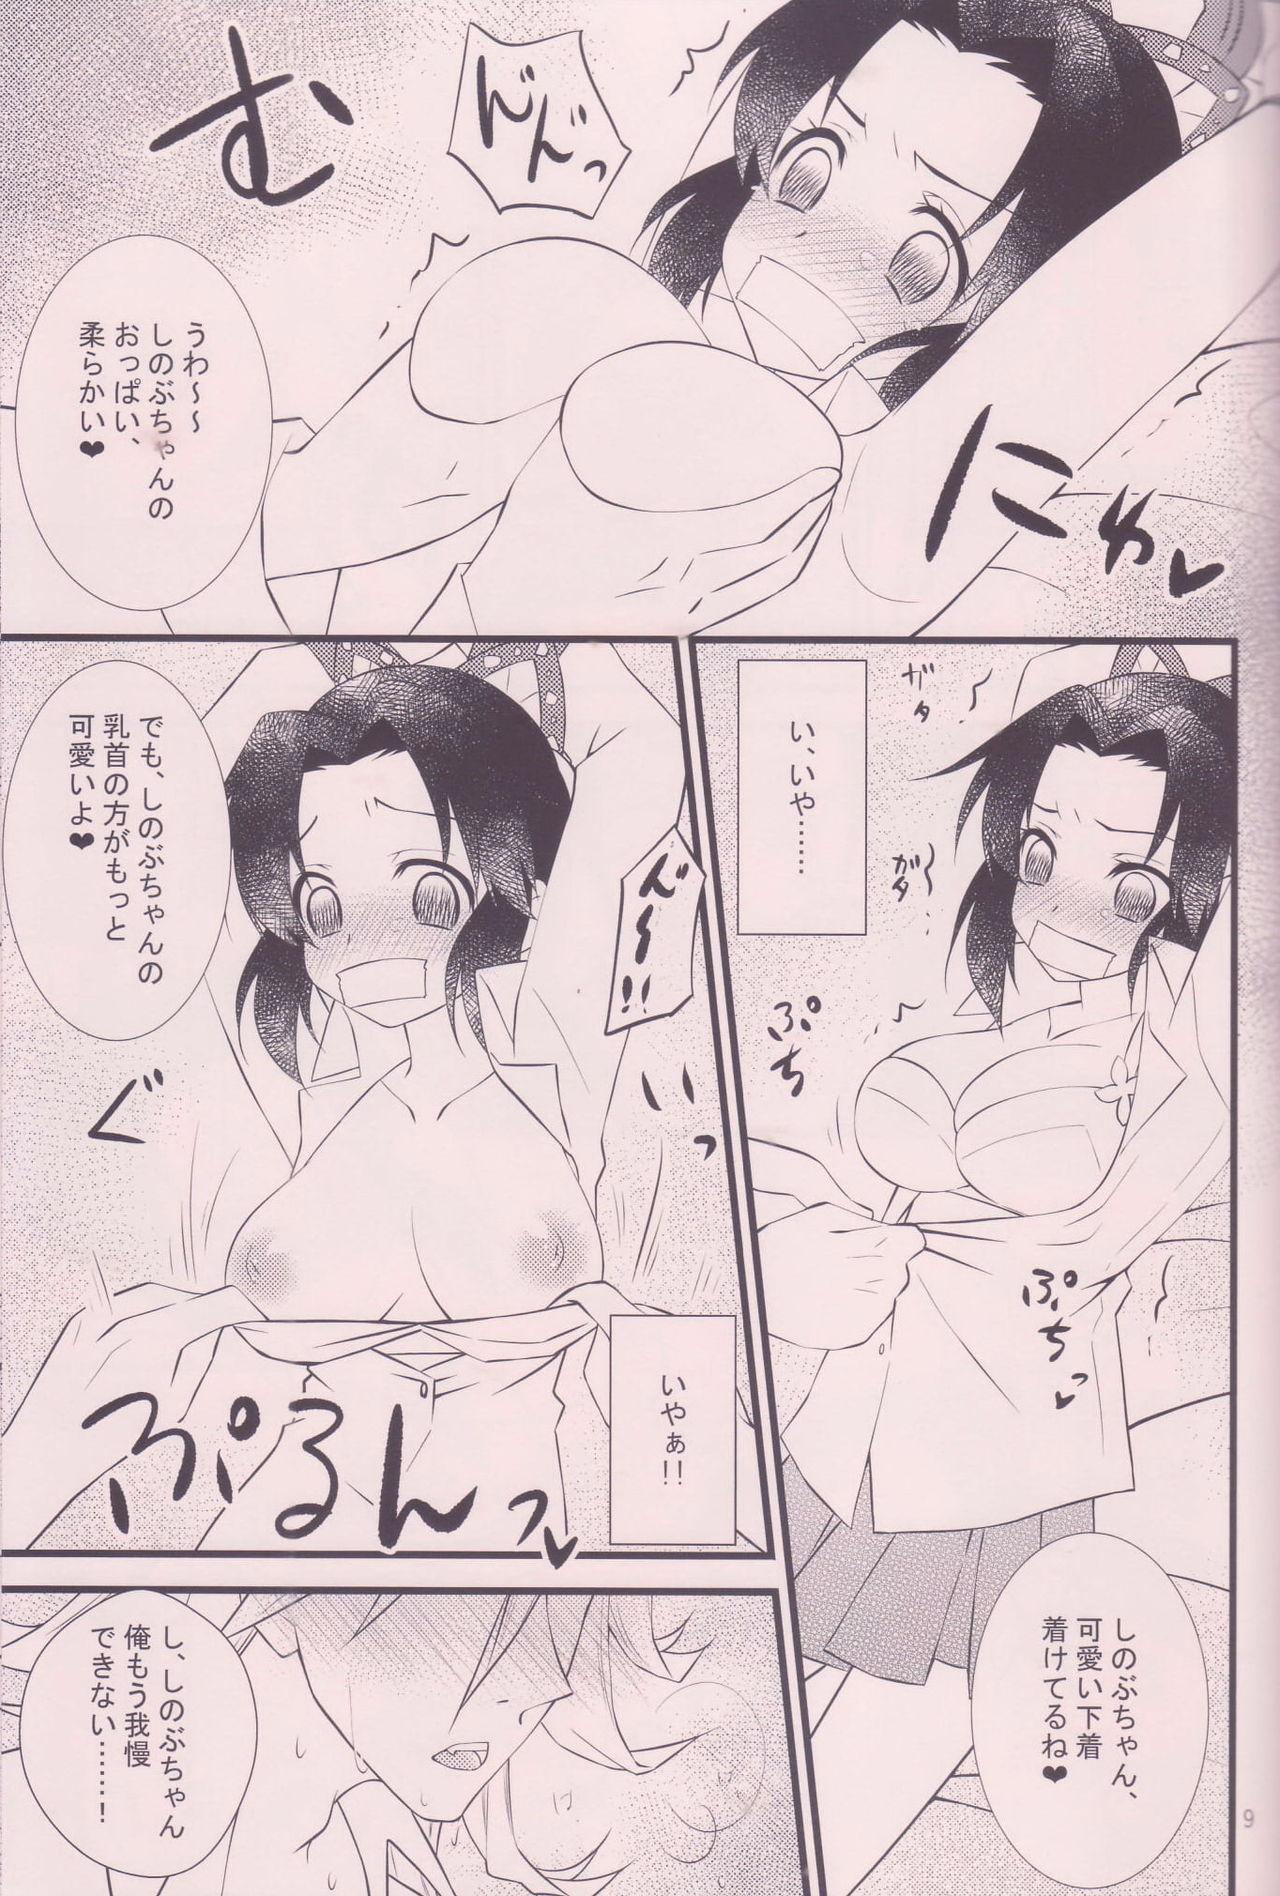 Ryoujoku Suru Yo! 7